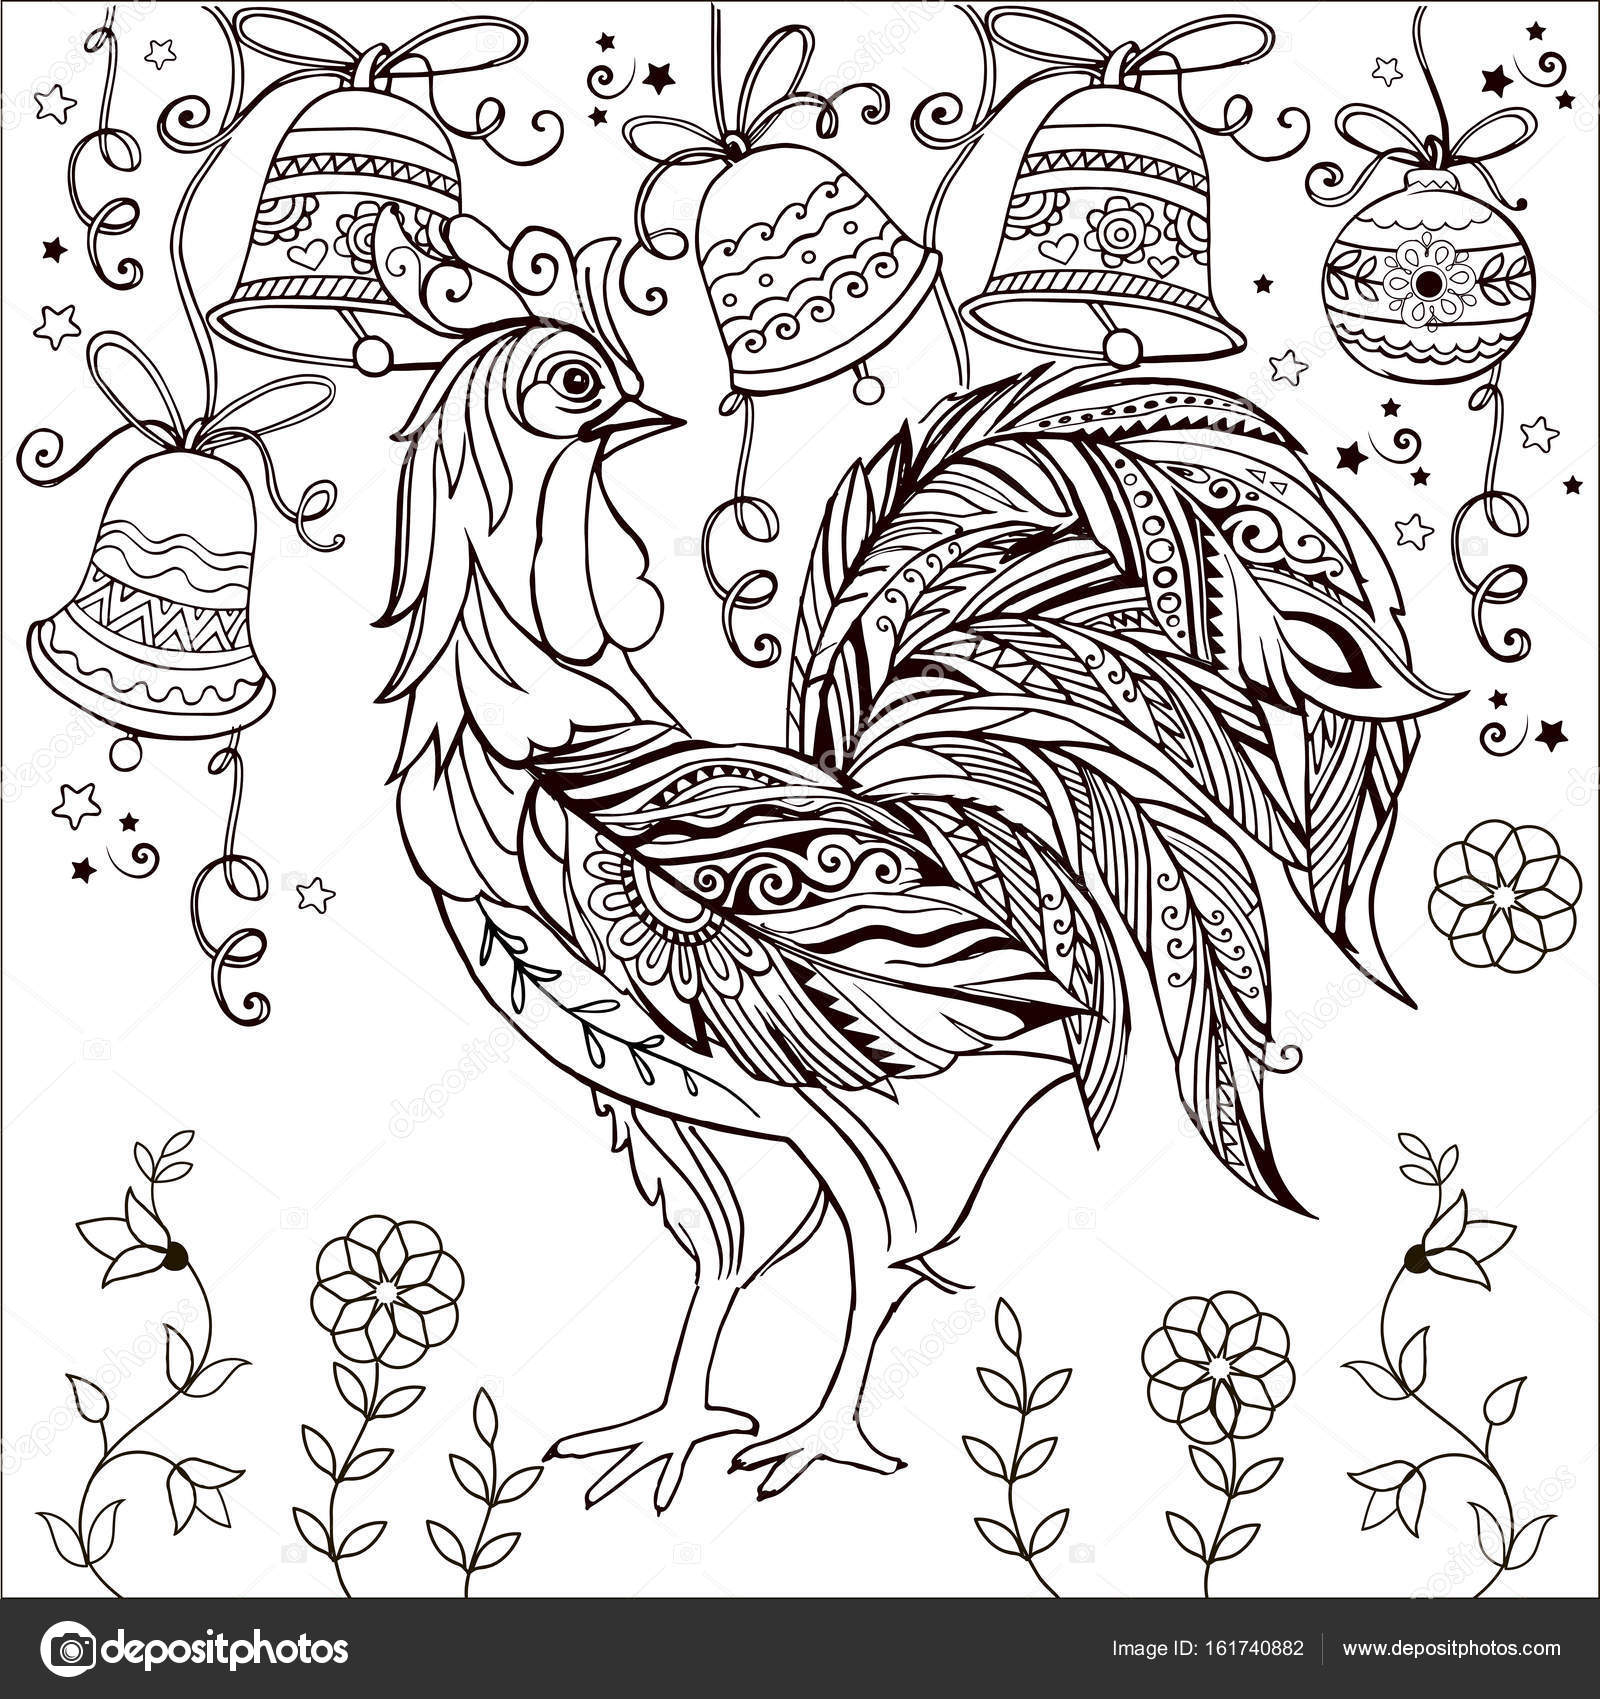 Dekorative Hahn Monochrom Malvorlagen Frohe Weihnachten Glocke